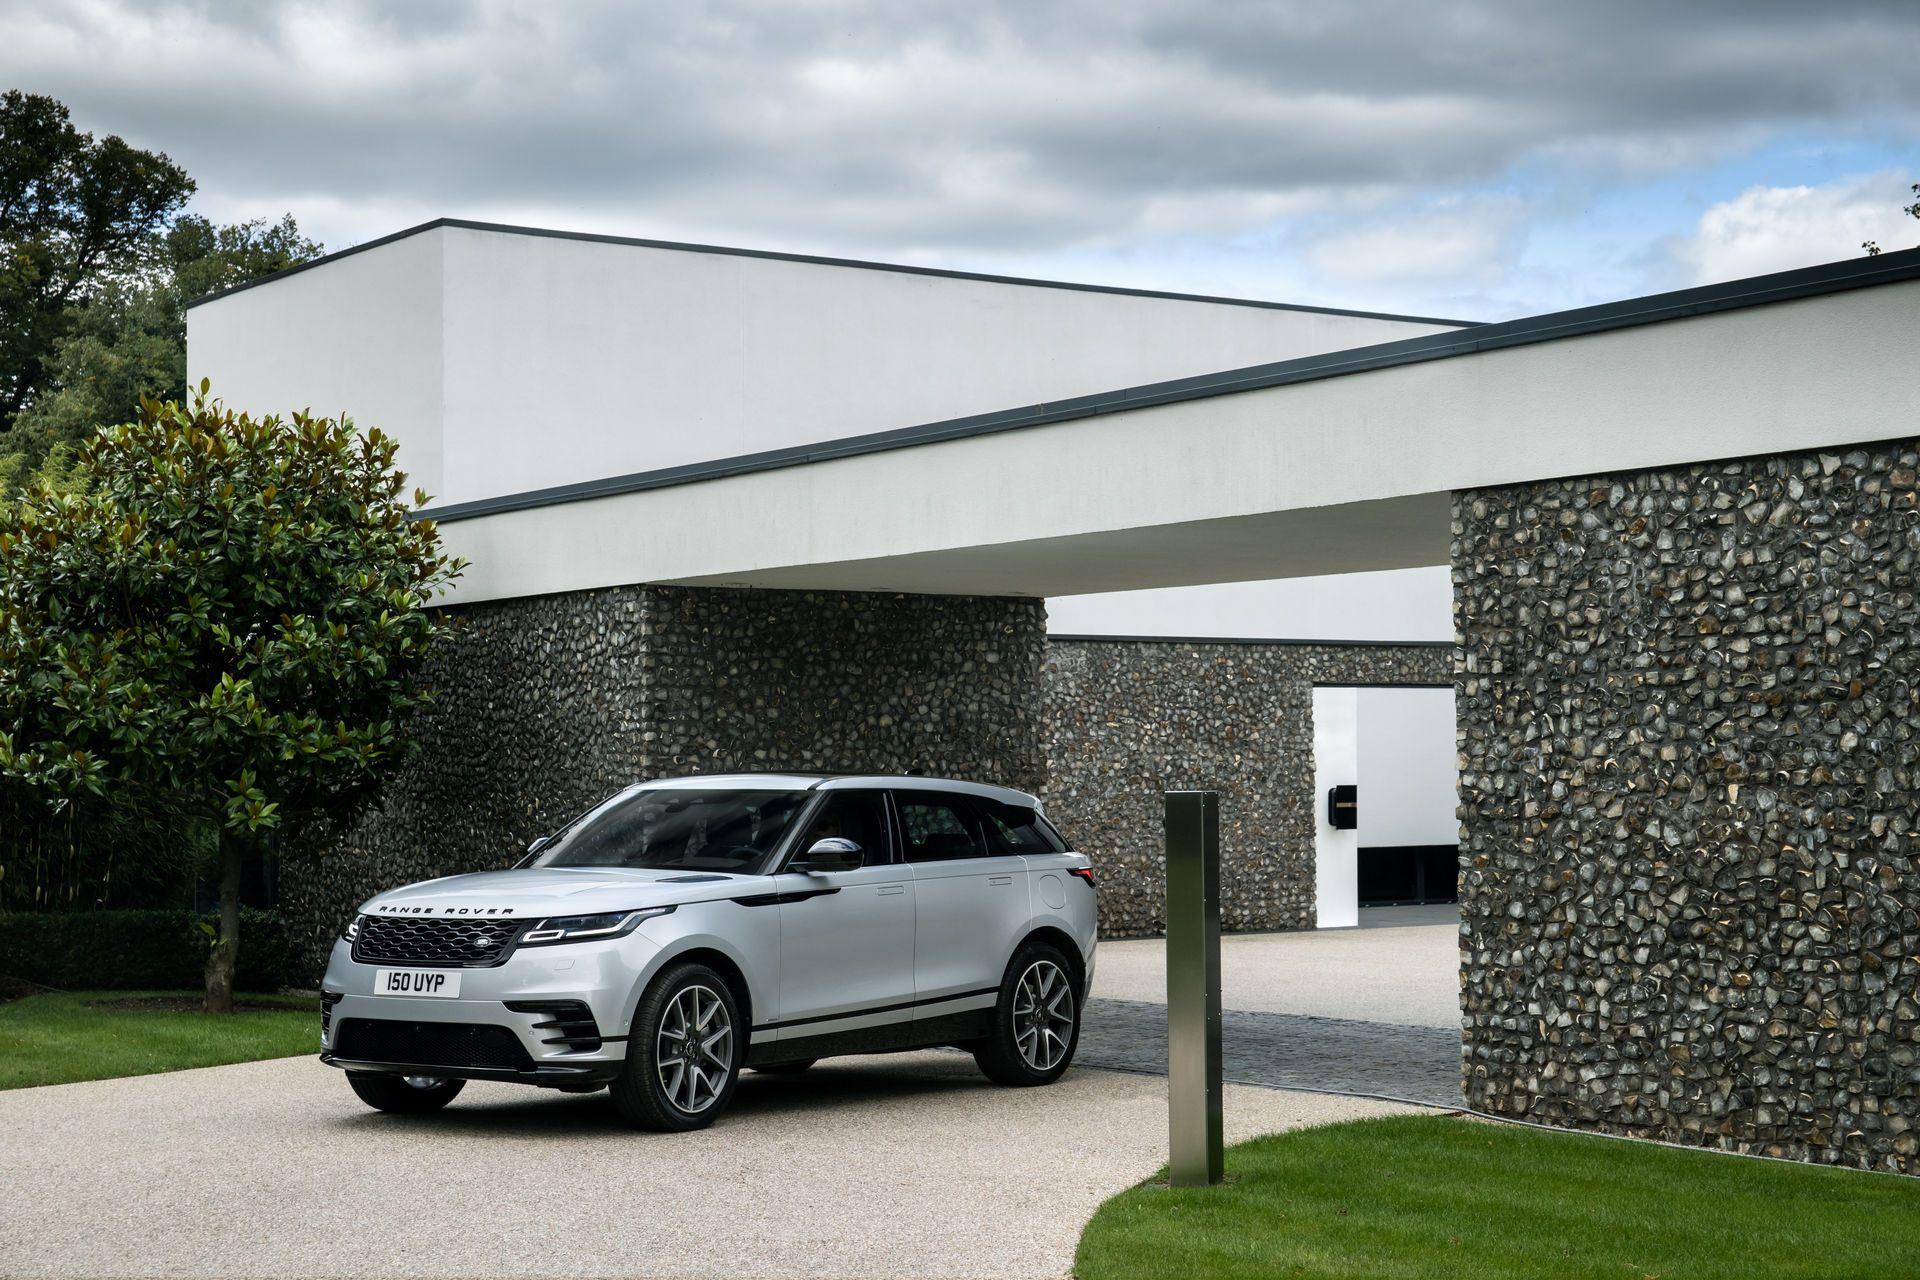 Range-Rover-Velar-2021-3